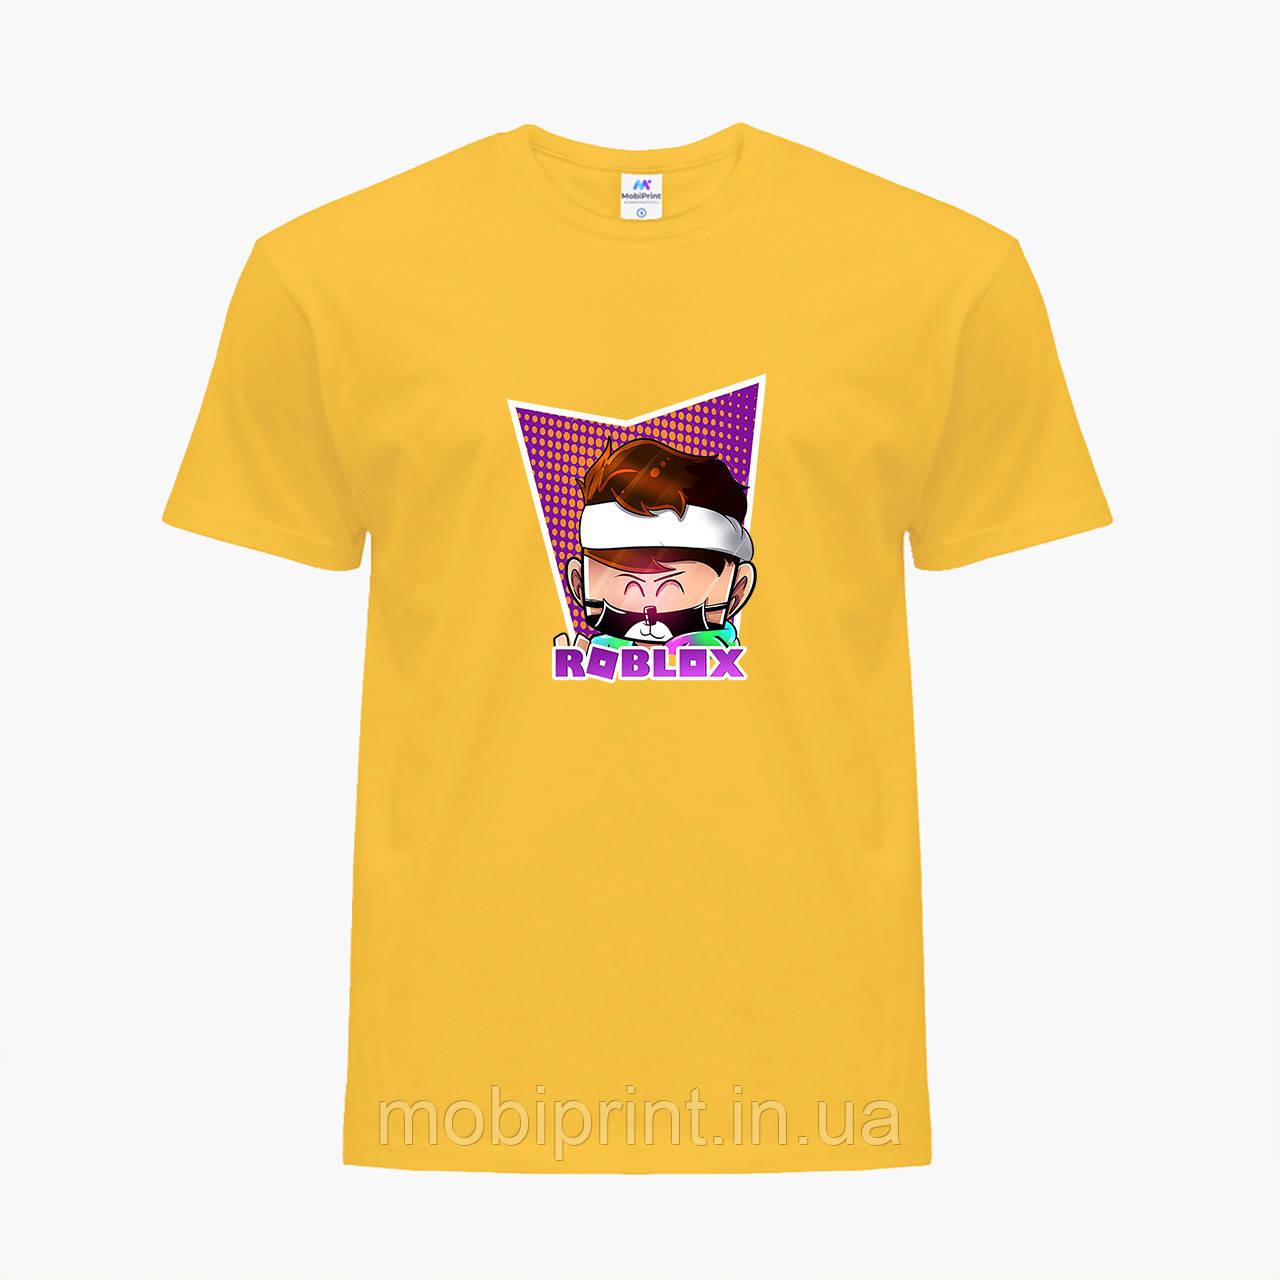 Детская футболка для мальчиков Роблокс (Roblox) (25186-1221) Желтый